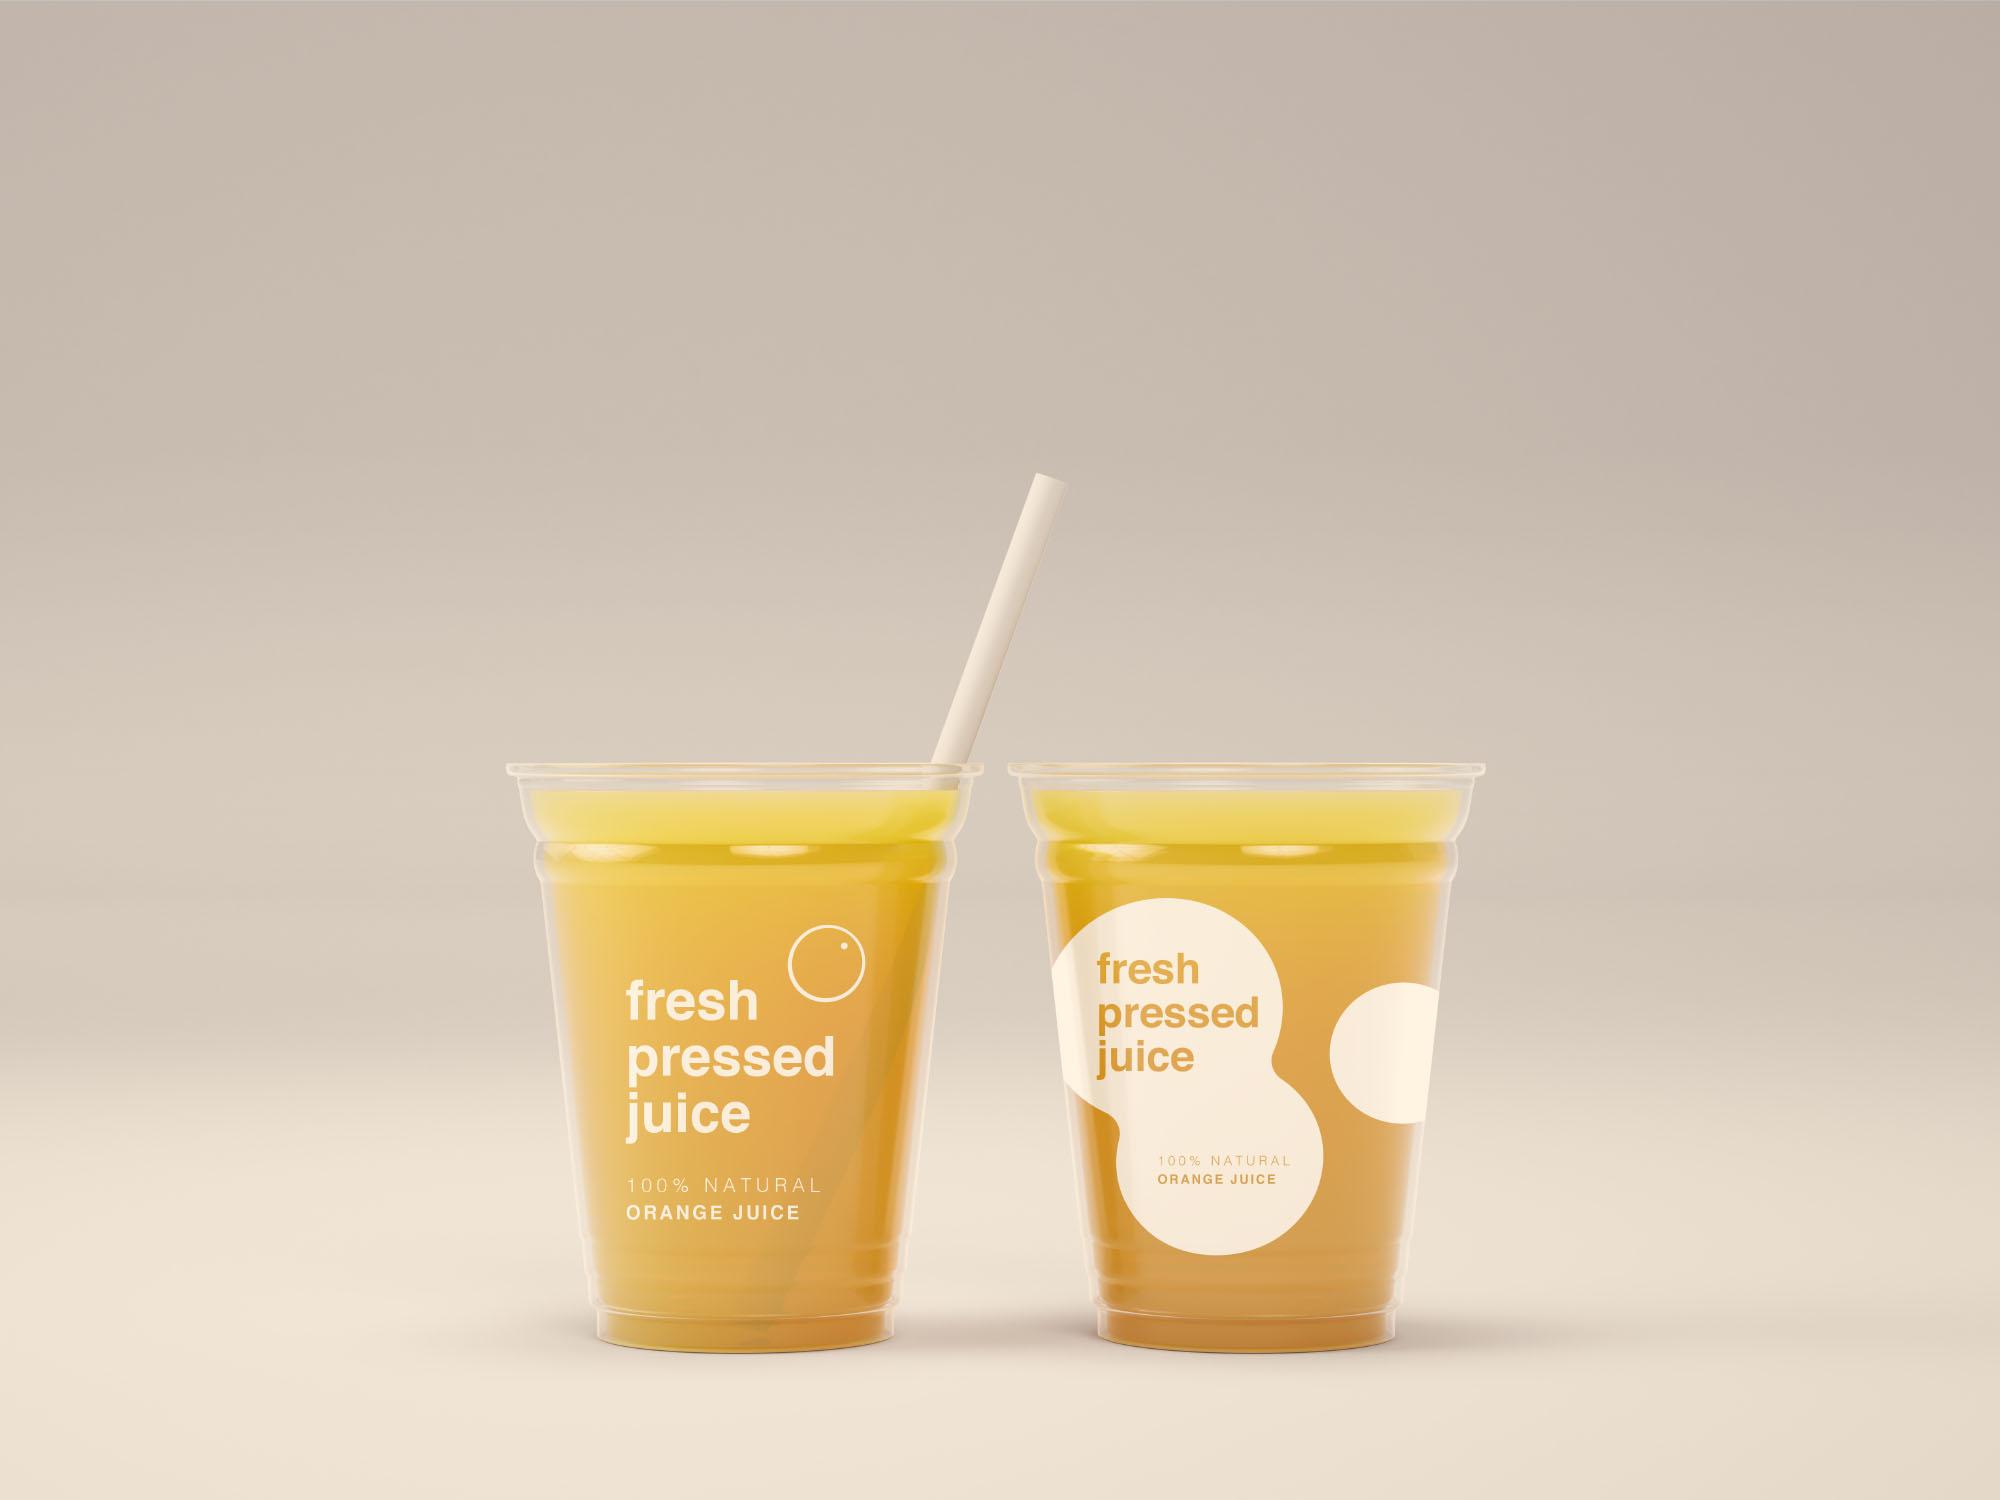 Juice Cups Mockup Psd